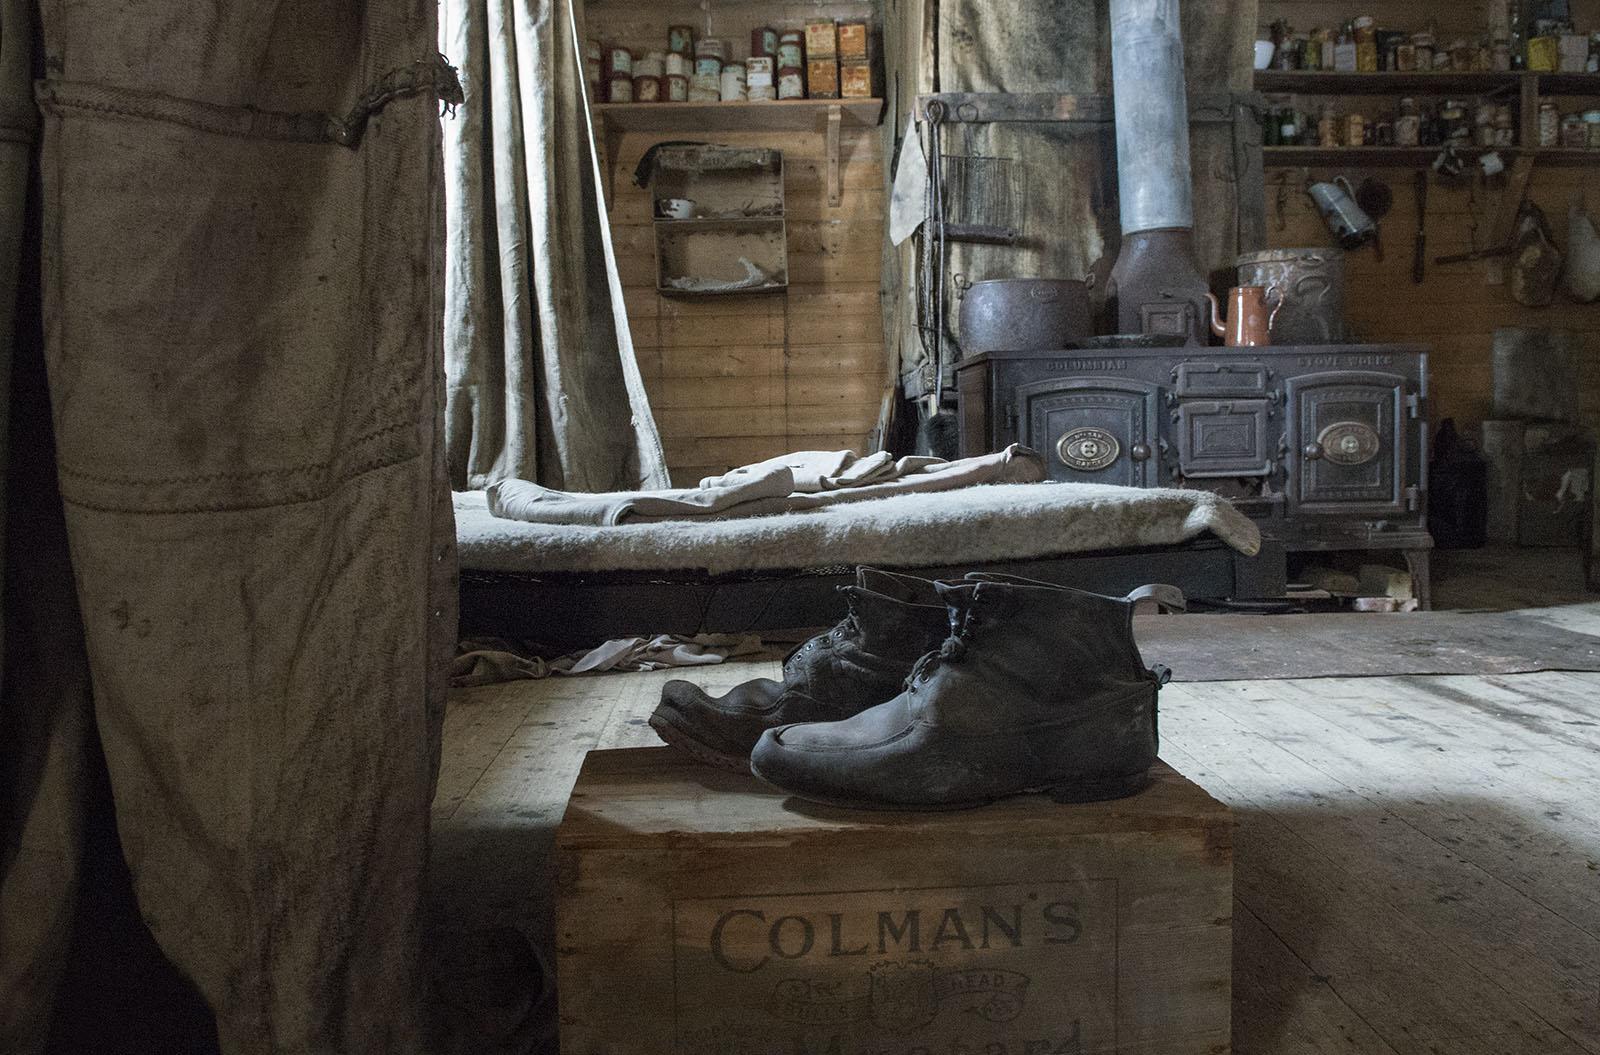 Colman Boots 2 2014 16×24 © L'Heureux